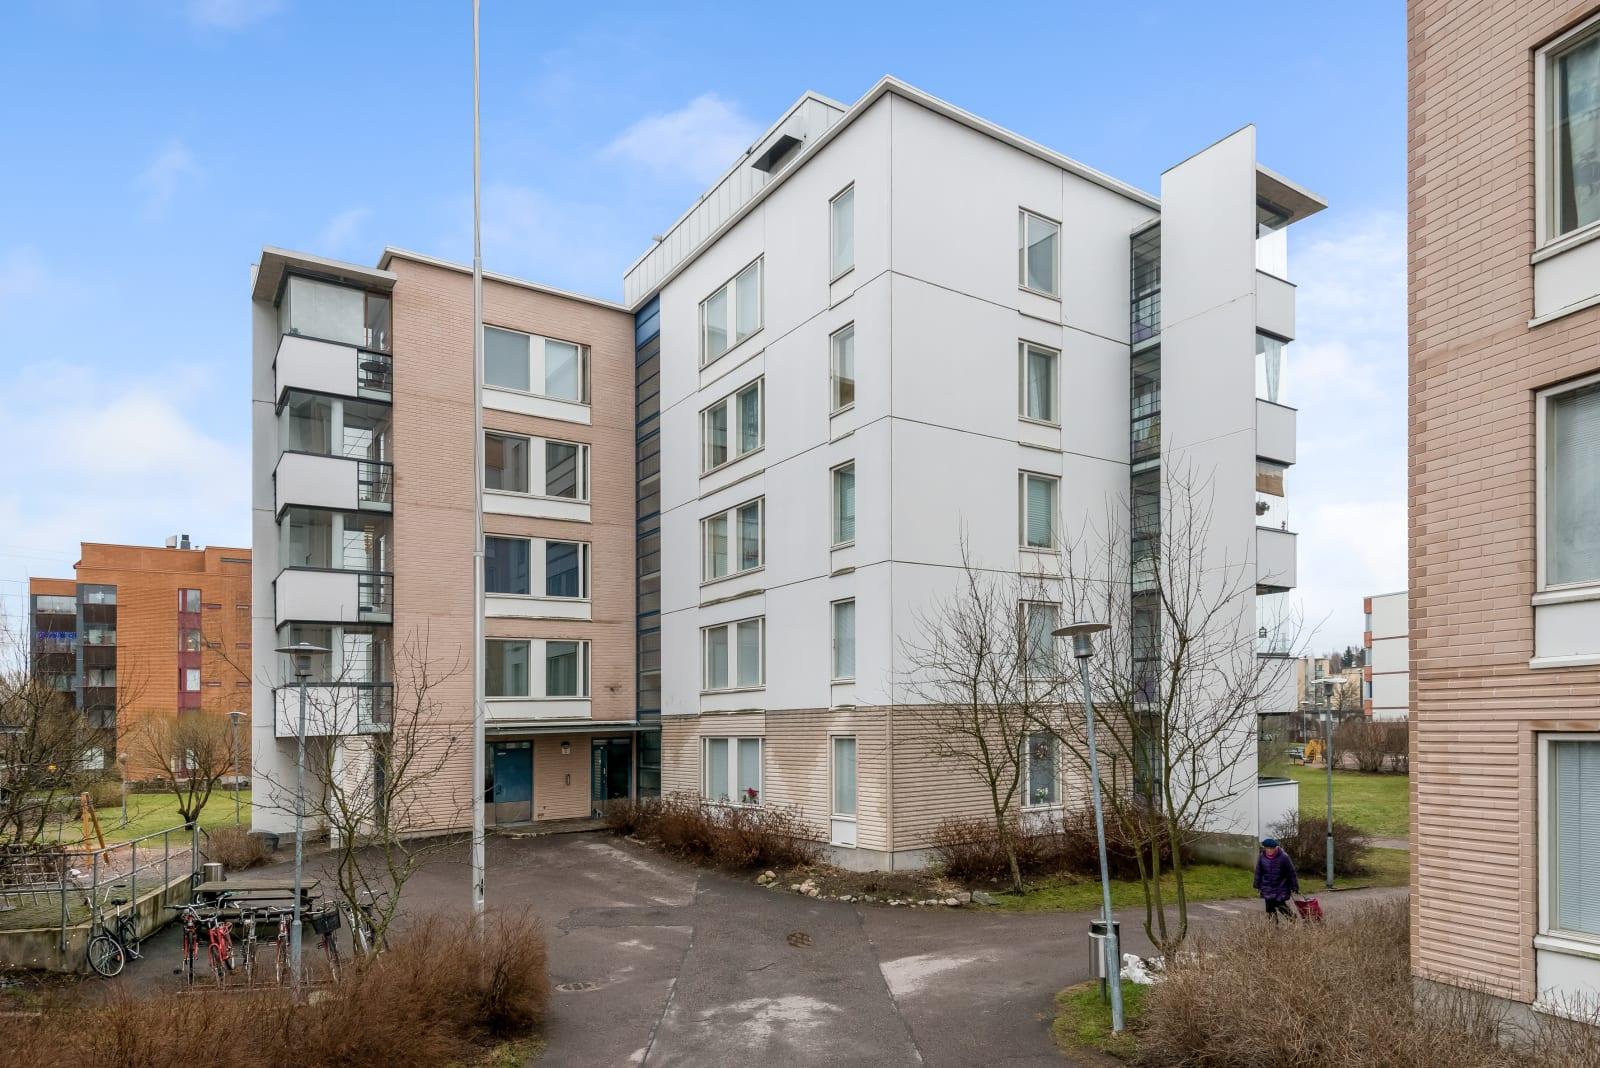 Helsinki, Veräjälaakso, Myllypellonpolku 4